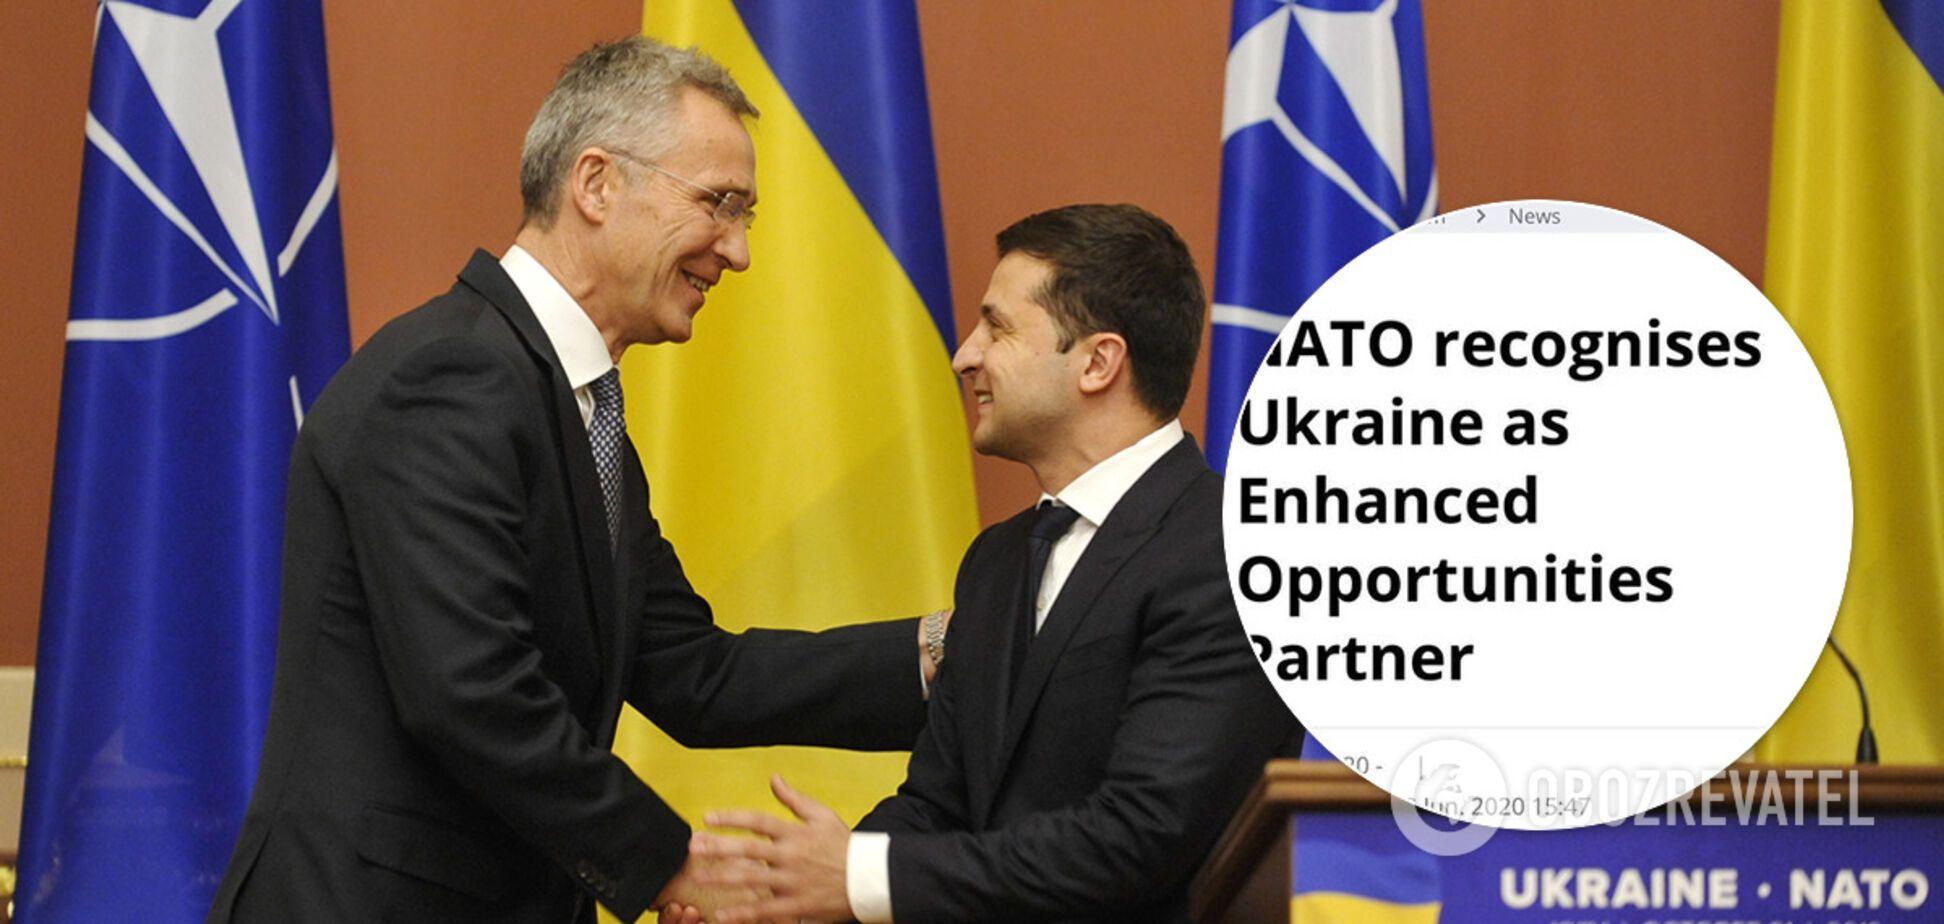 Україна стала партнером розширених можливостей НАТО: що це означає